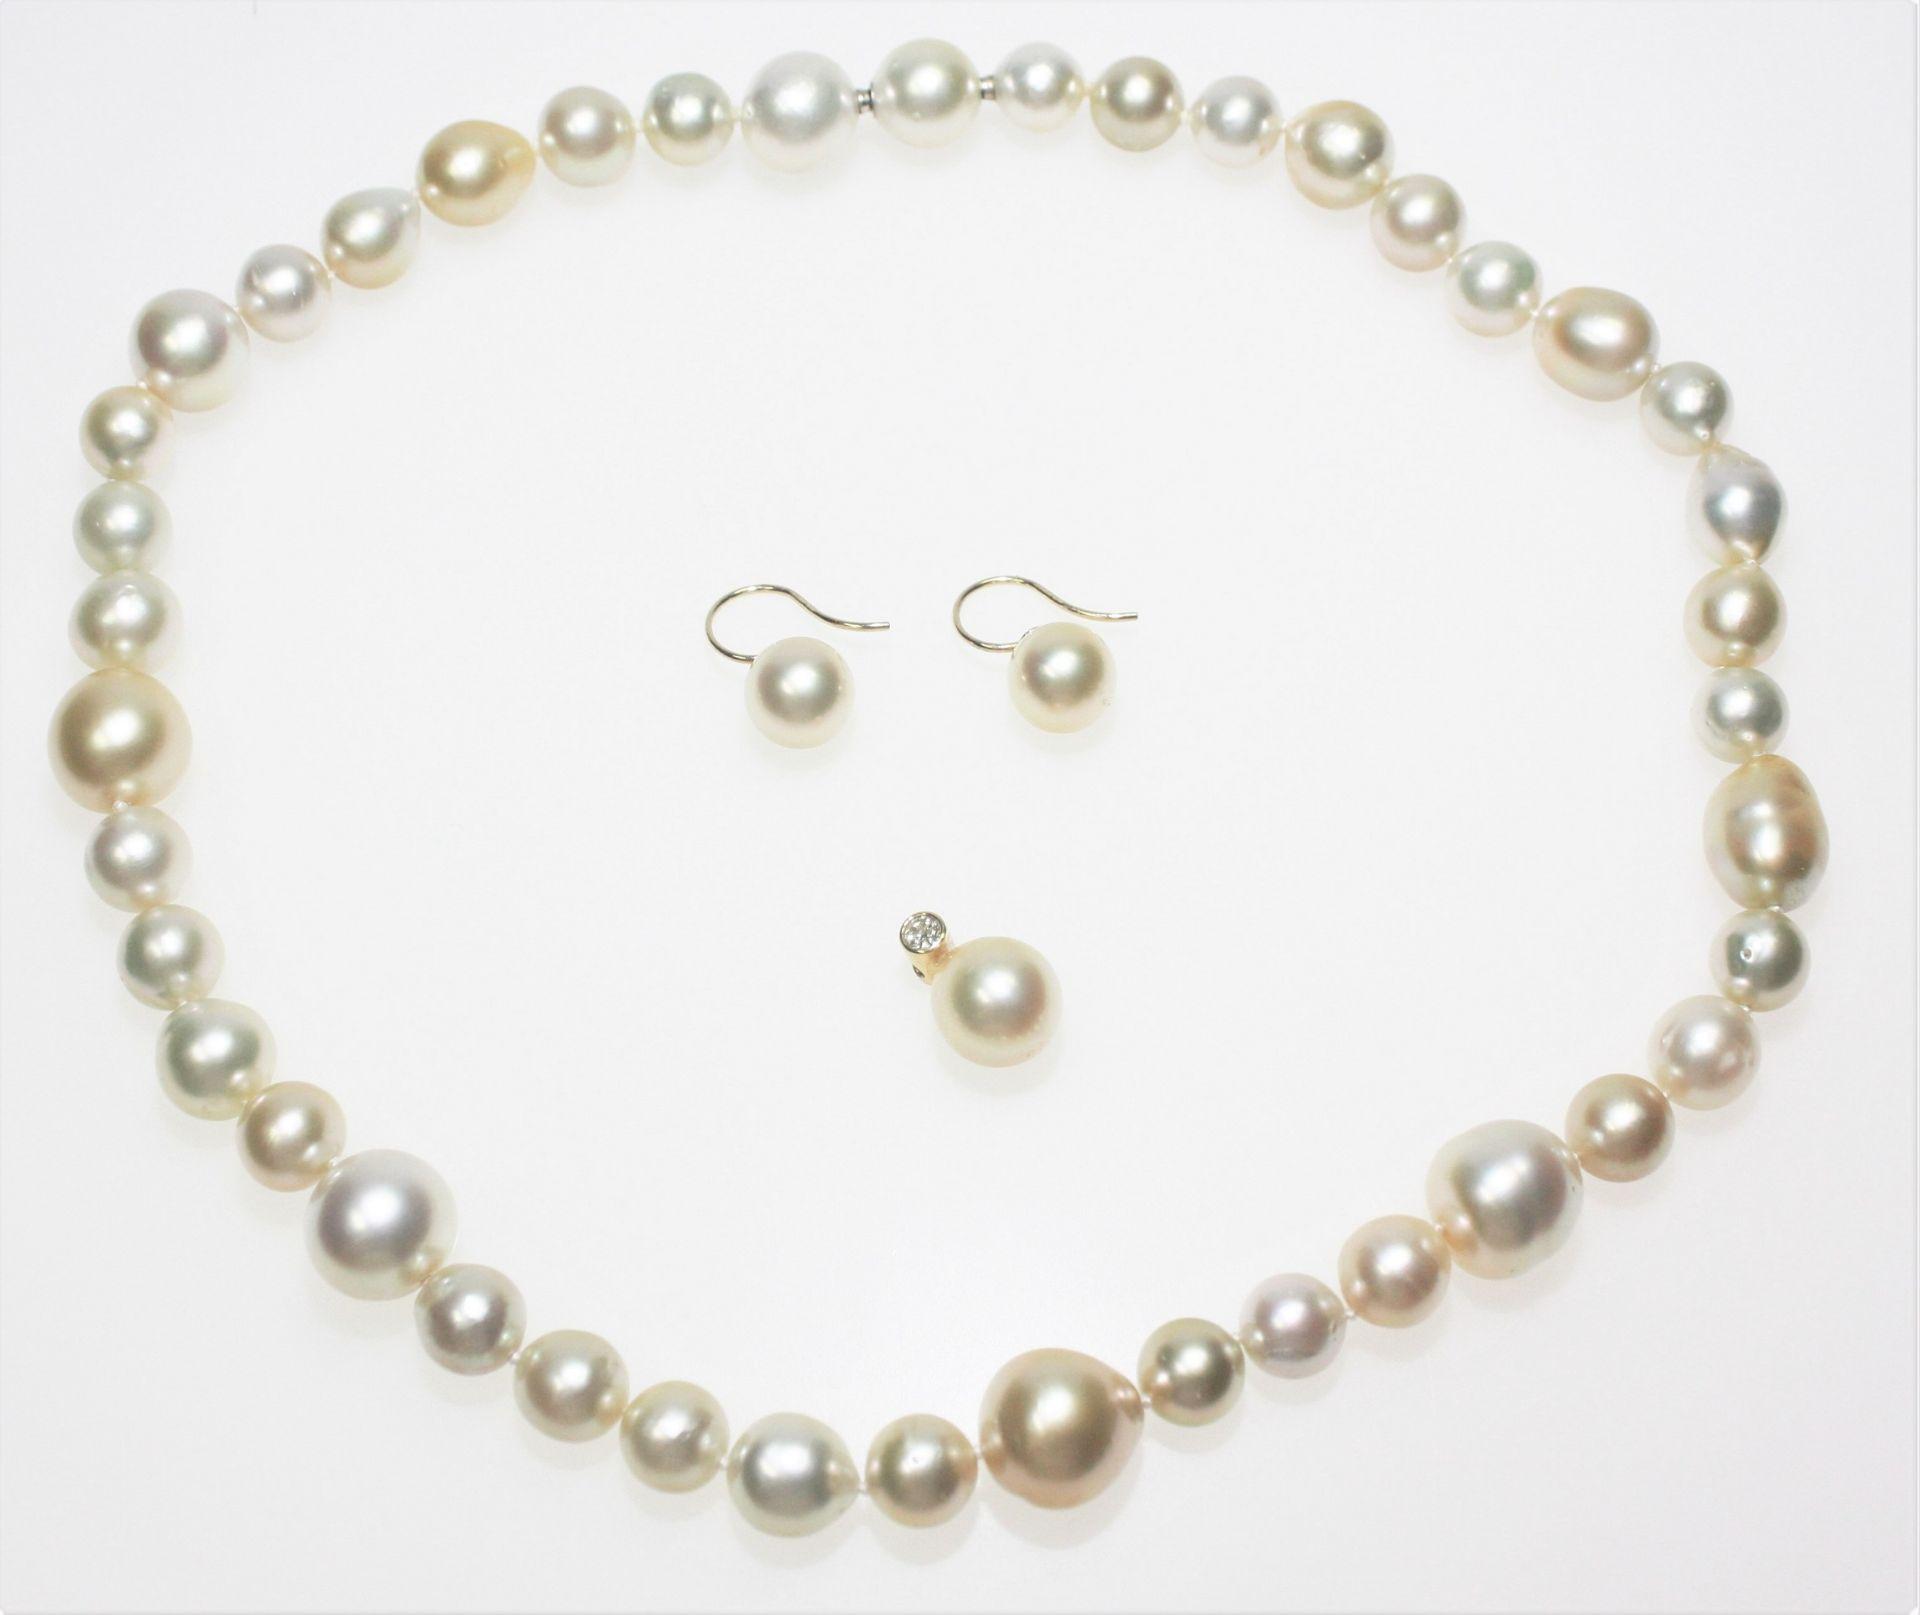 Südseeperlgarnitur: 1 Kette aus unregelmäßigen Perlen verschiedener Größen, goldfarbig bis hellgrau,